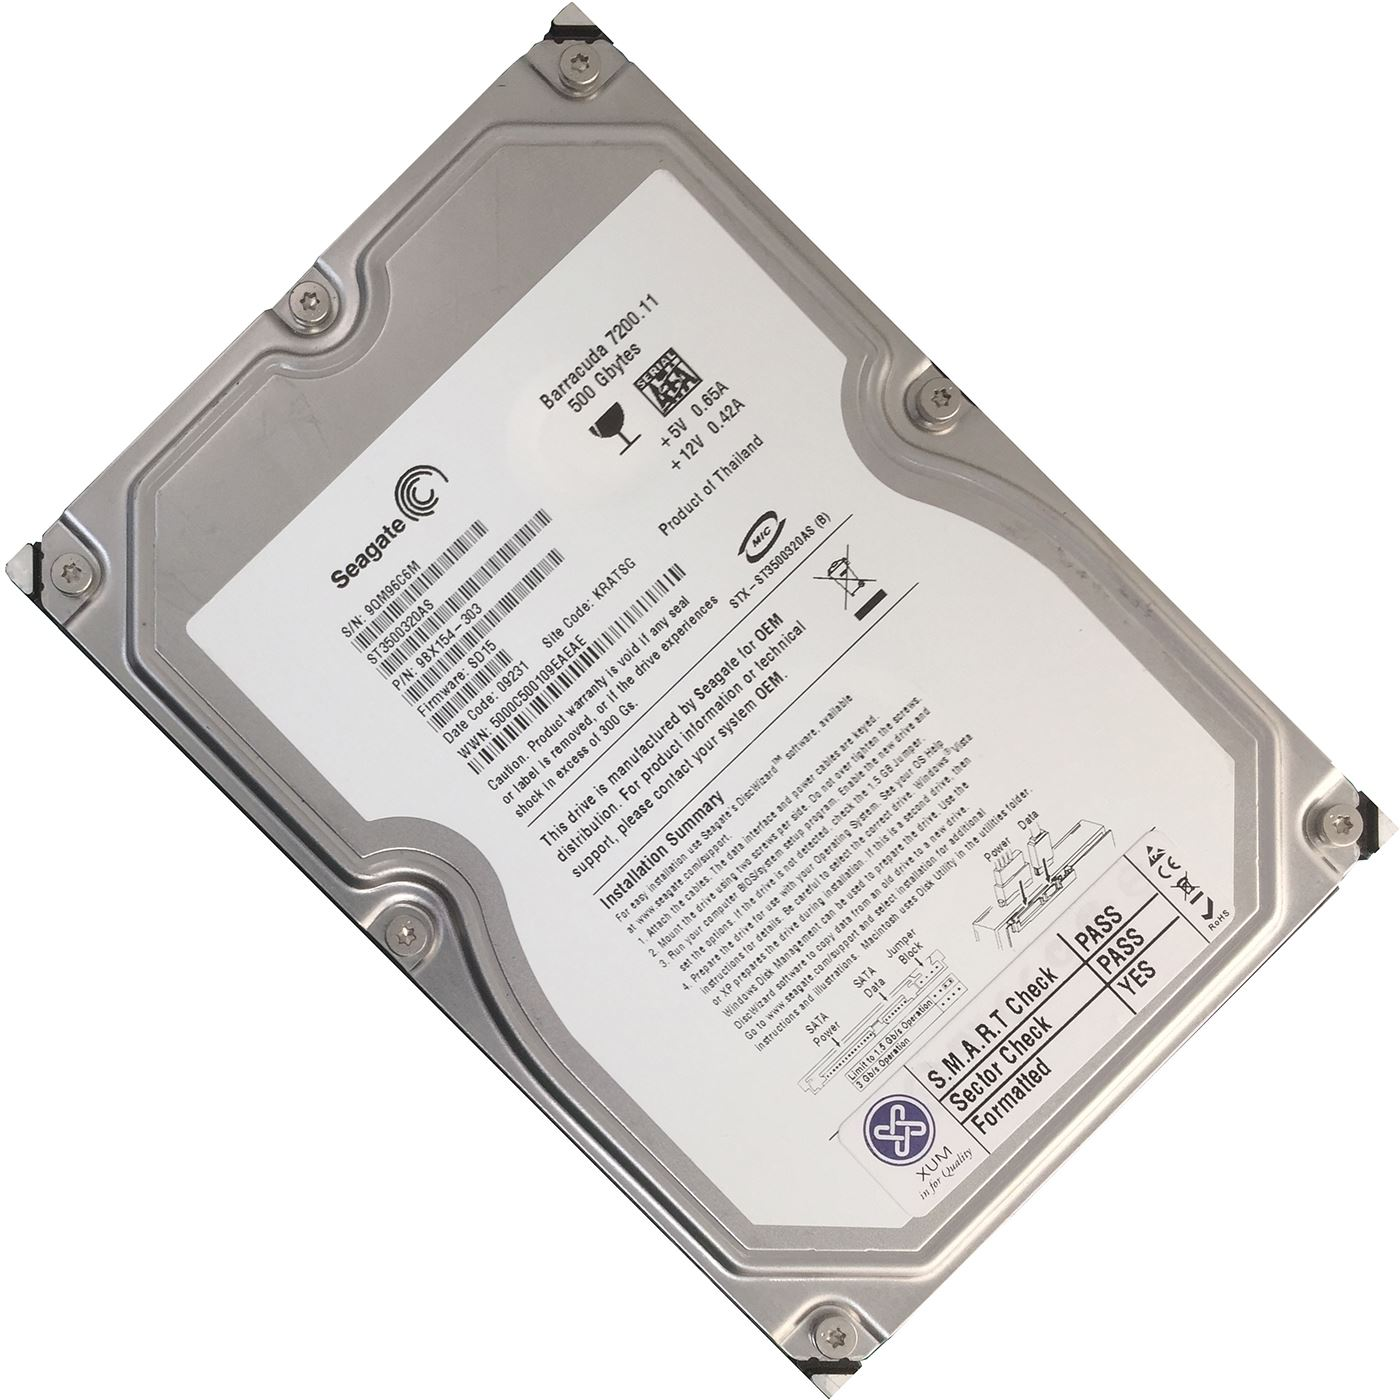 500GB-3-5-034-disco-fisso-SATA-HDD-INTERNO-PC-COMPUTER-DESKTOP-CCTV-DVR-disco-lotto